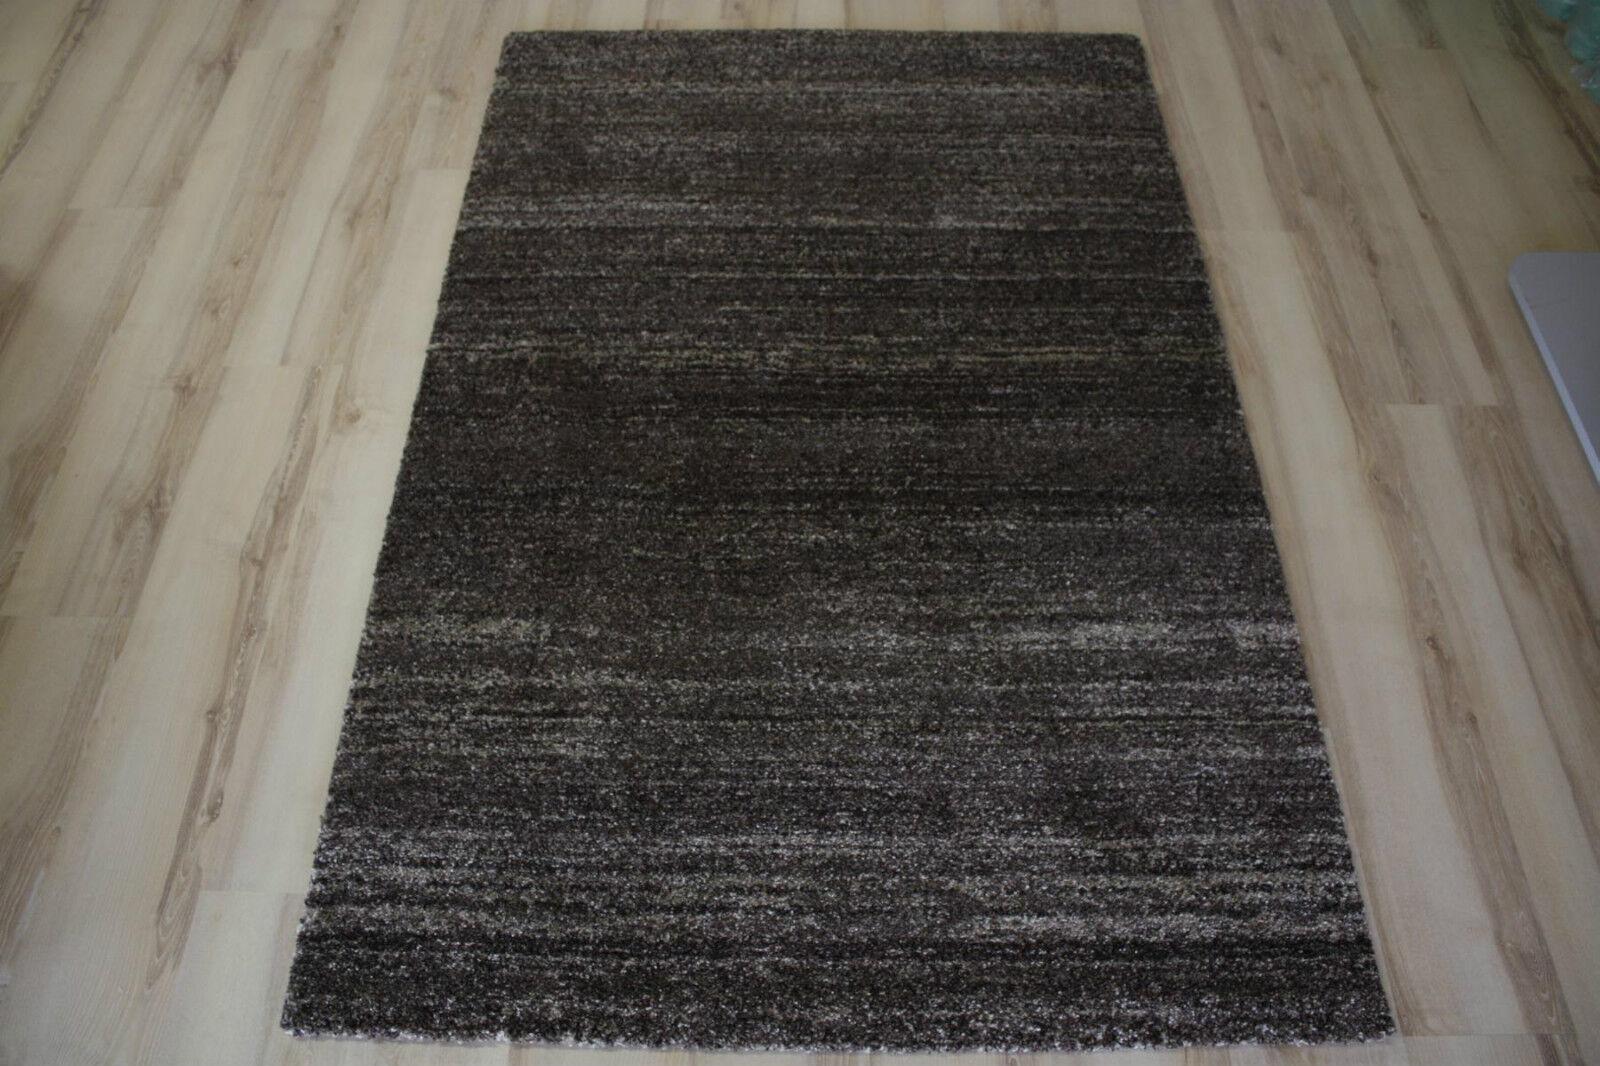 ASTRA samoa tapis 6870 150 060 Marron 140x200cm NEUF